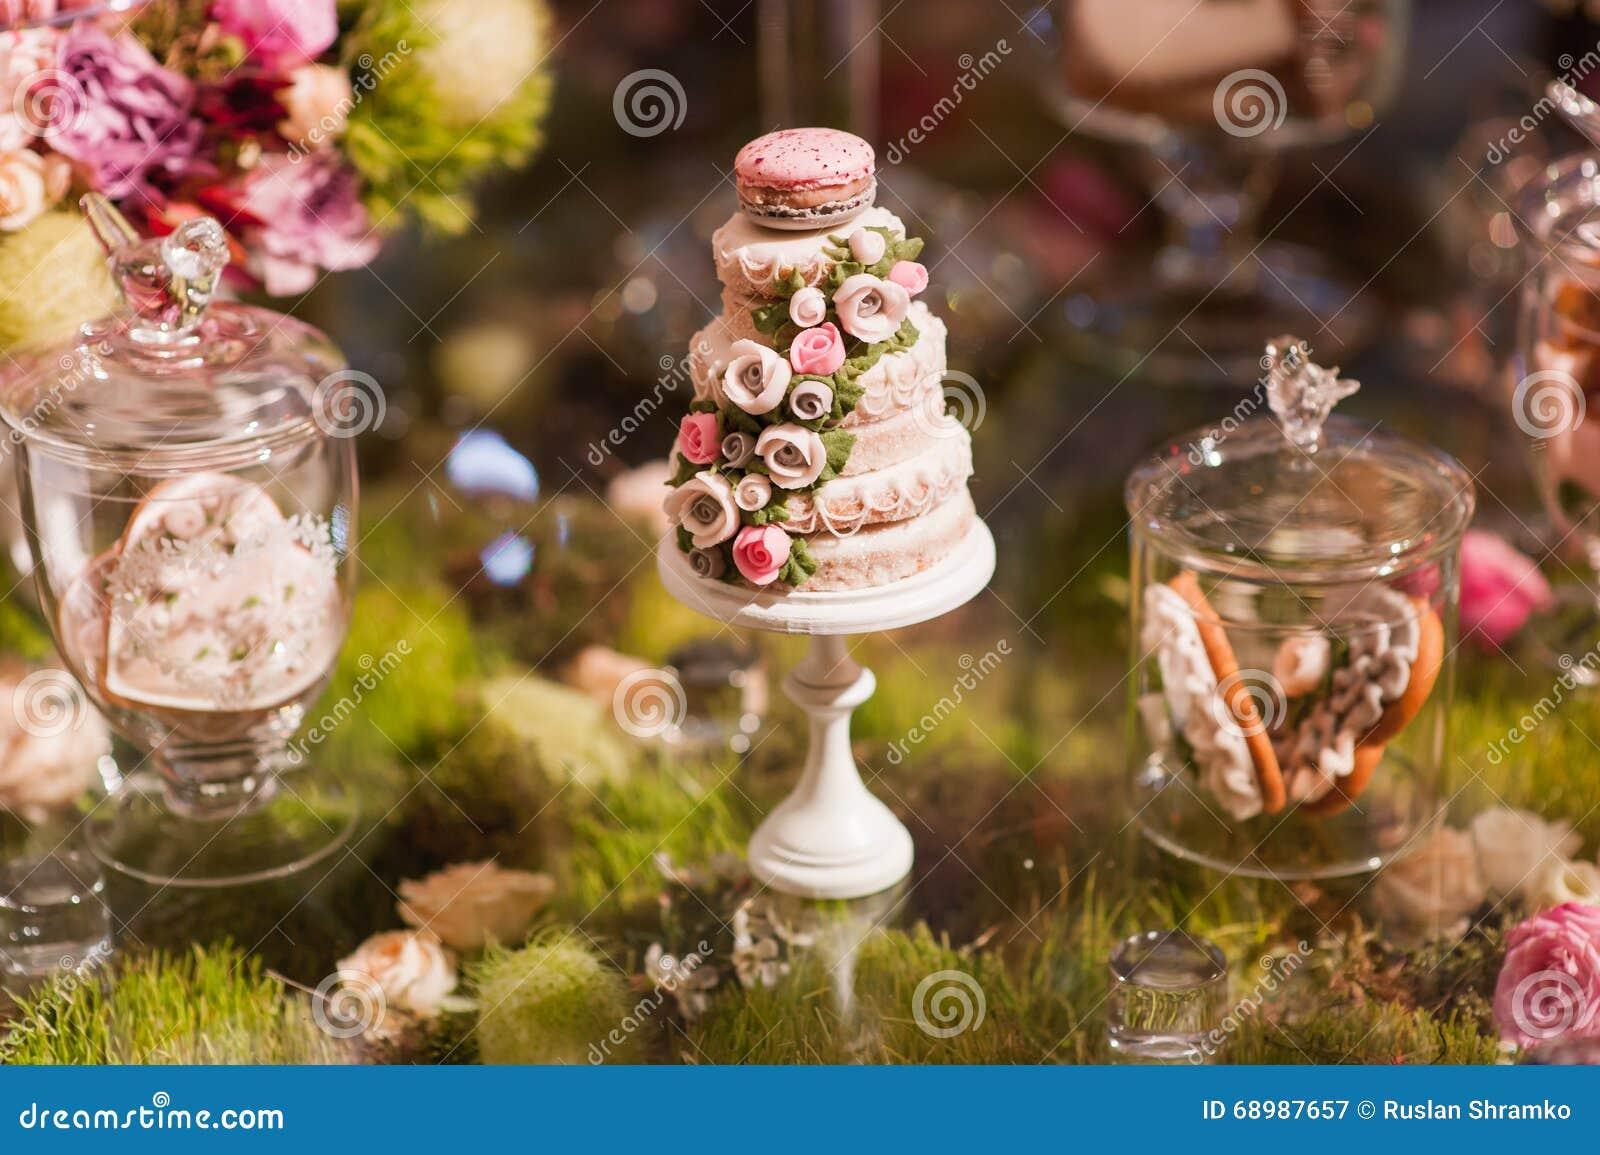 Torta francesa respetuosa del medio ambiente de los makarons en la tabla